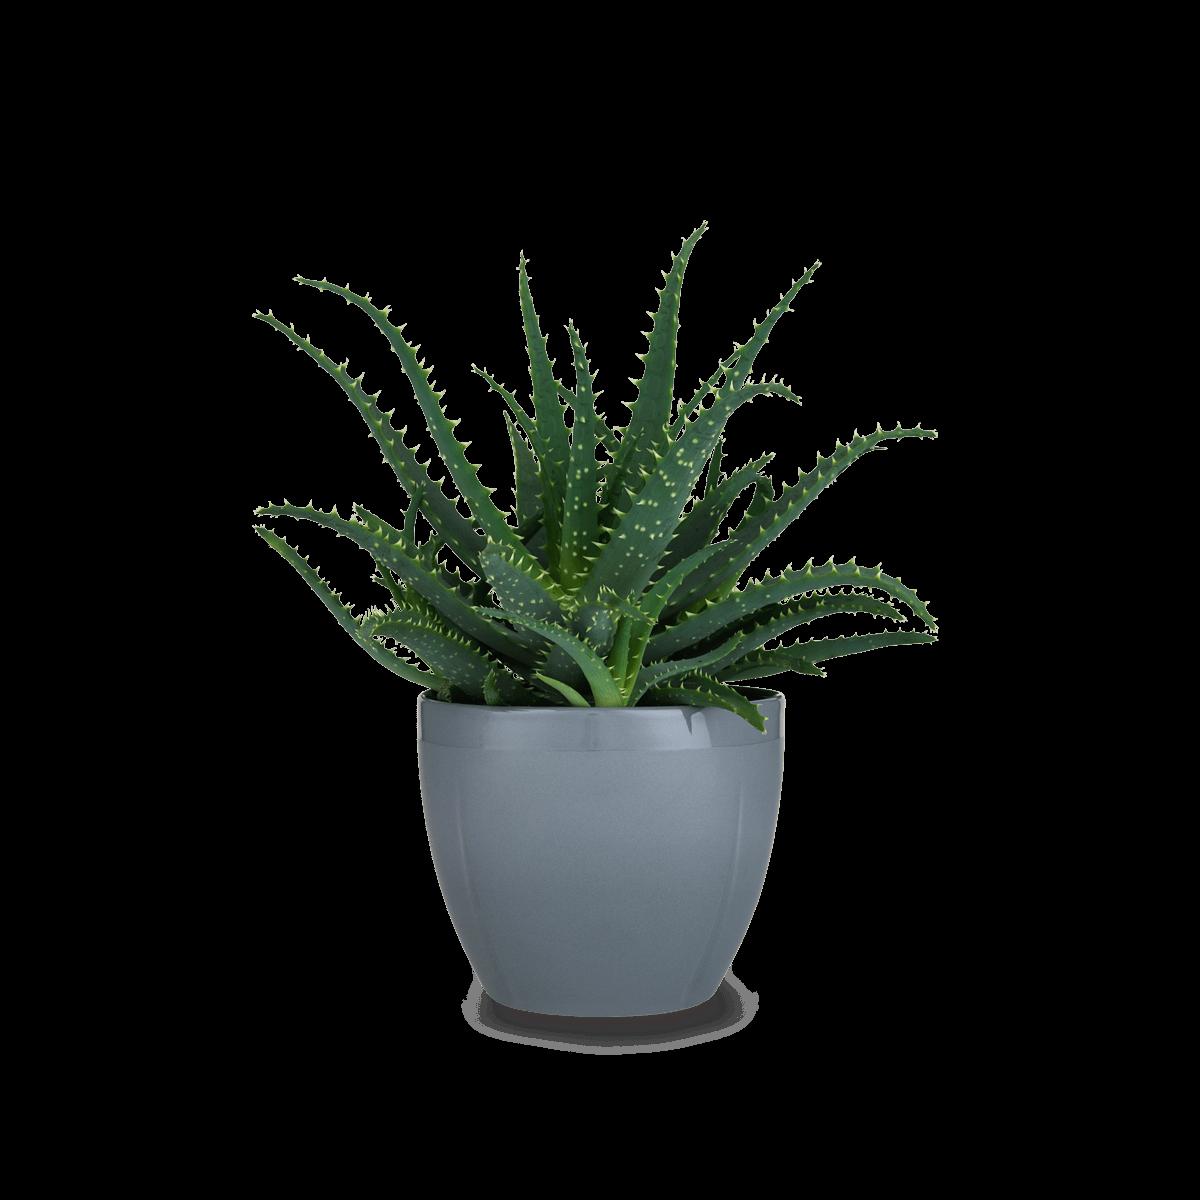 Grand cru flowerpot gcflowerpotoecoldgreygrandcru. Flower pot png